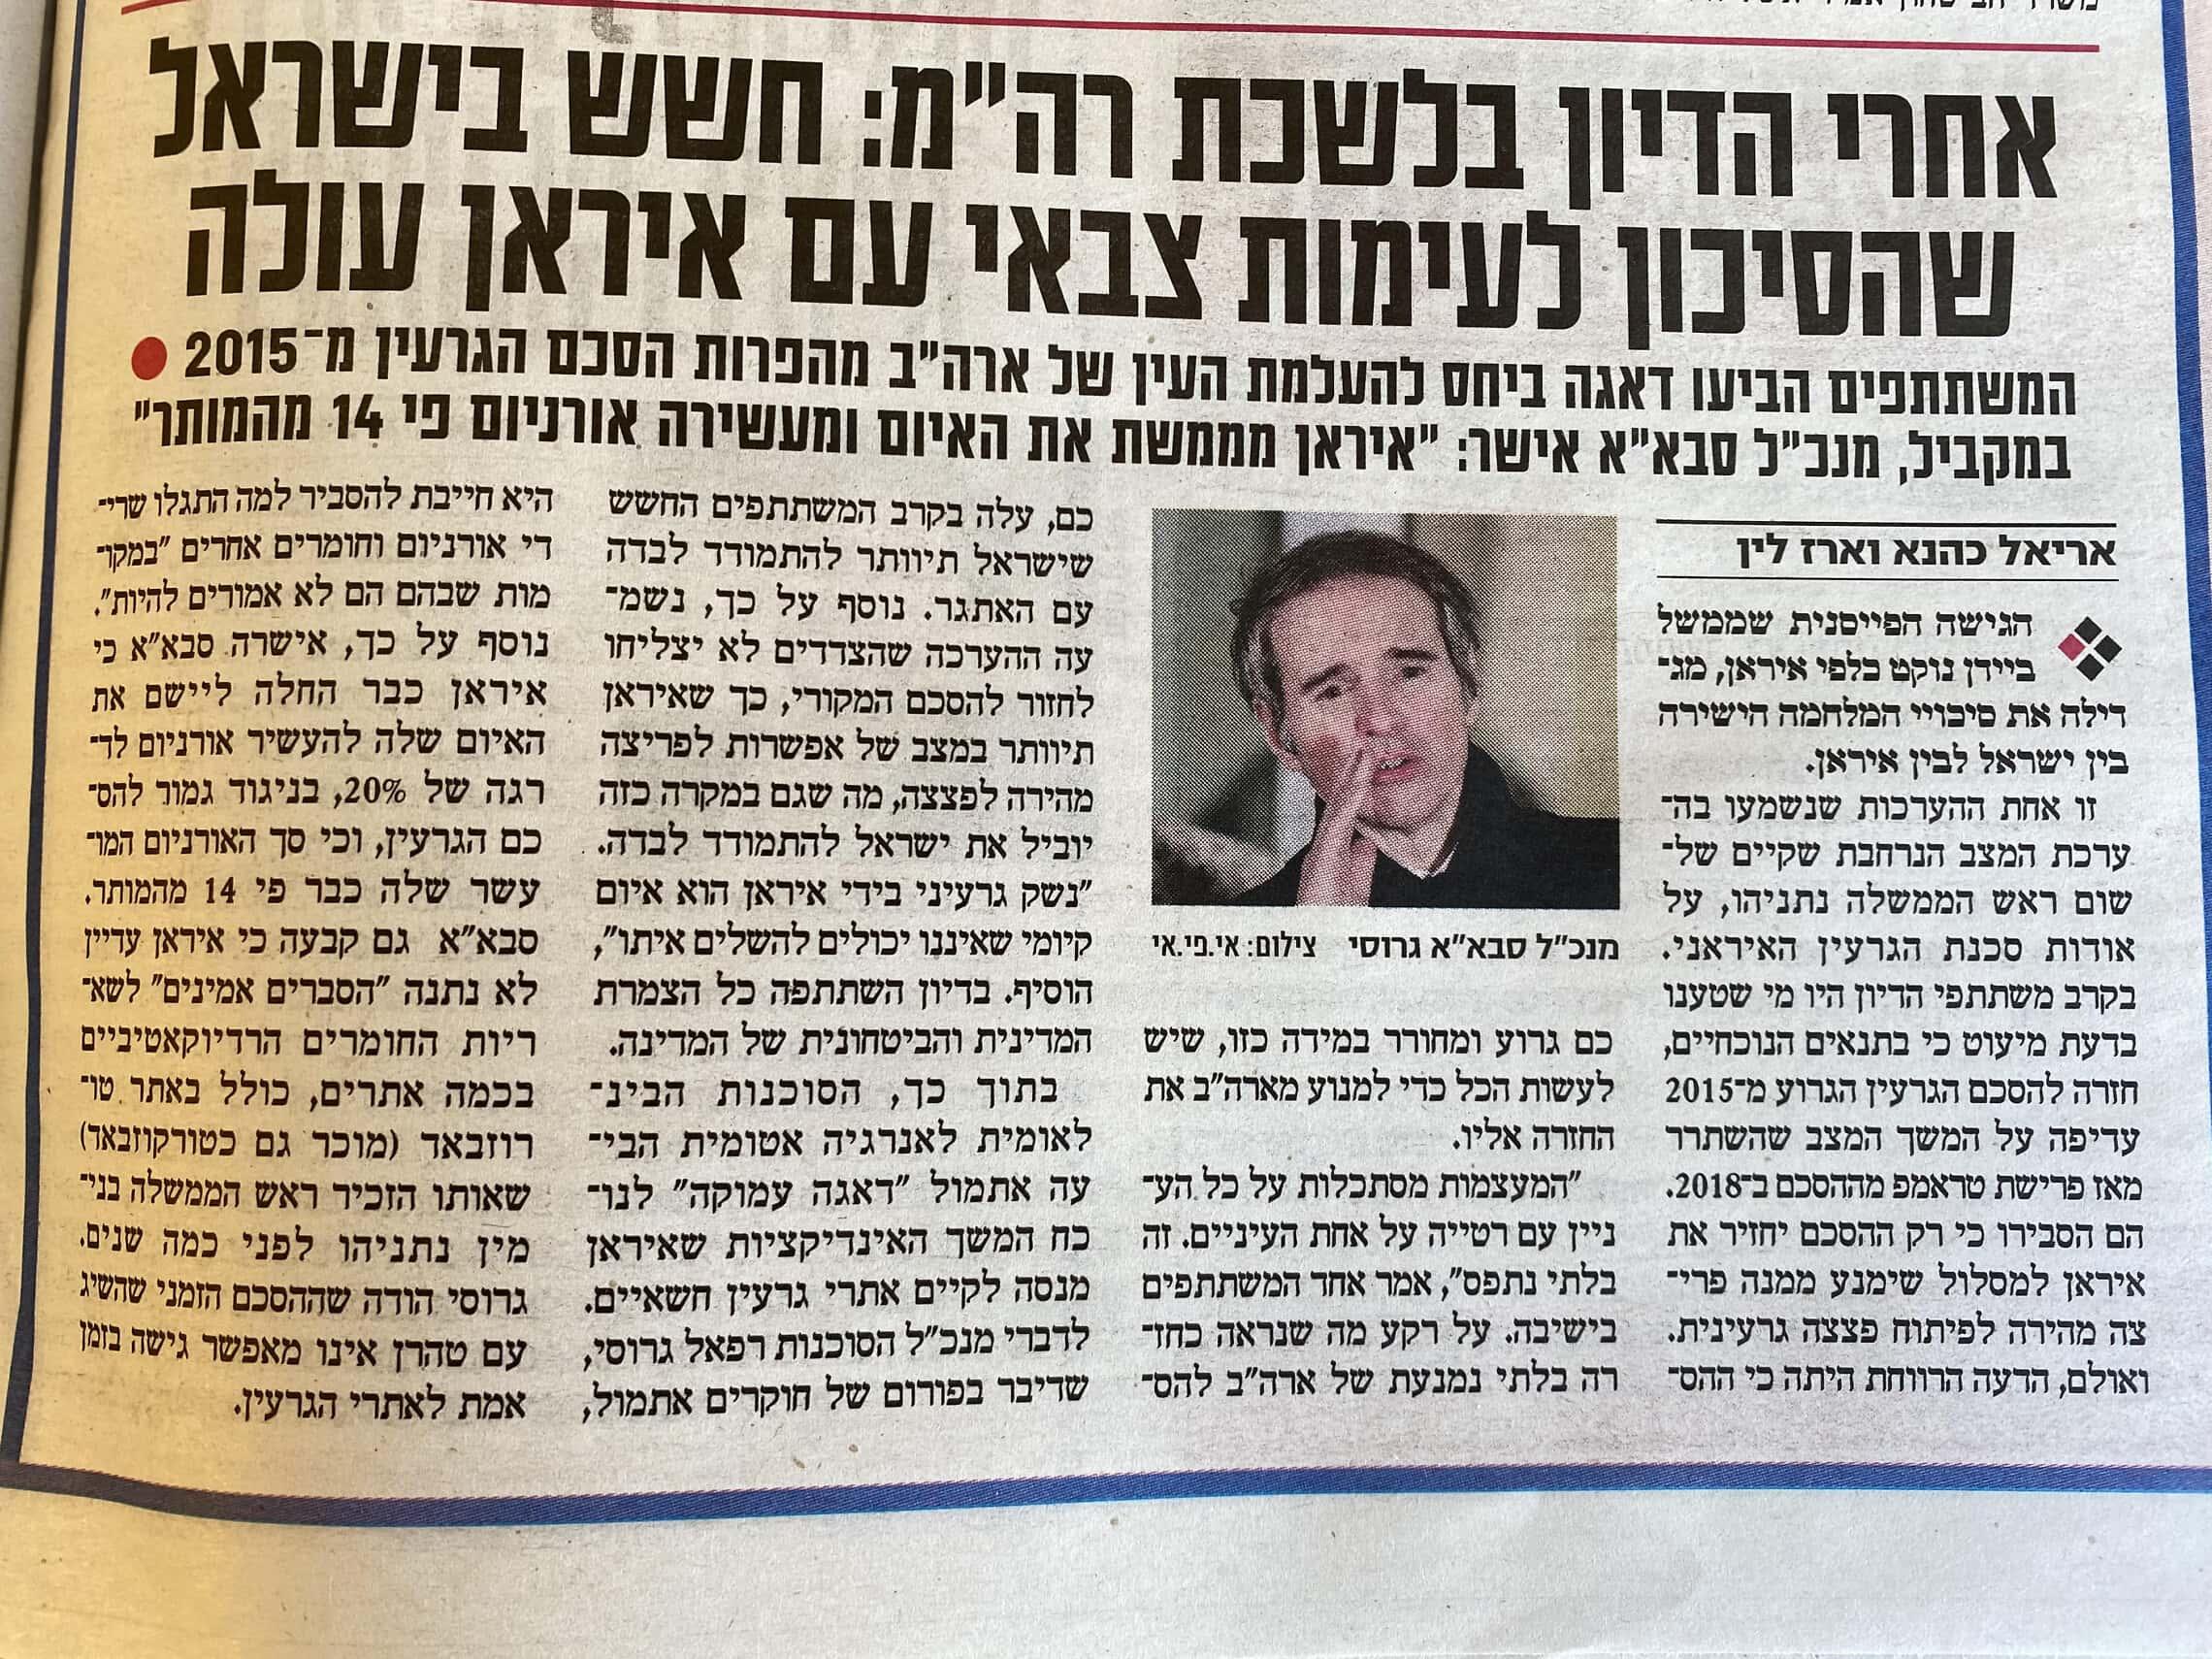 קטע עיתונות מתוך ישראל היום, 24 בפברואר, 2021